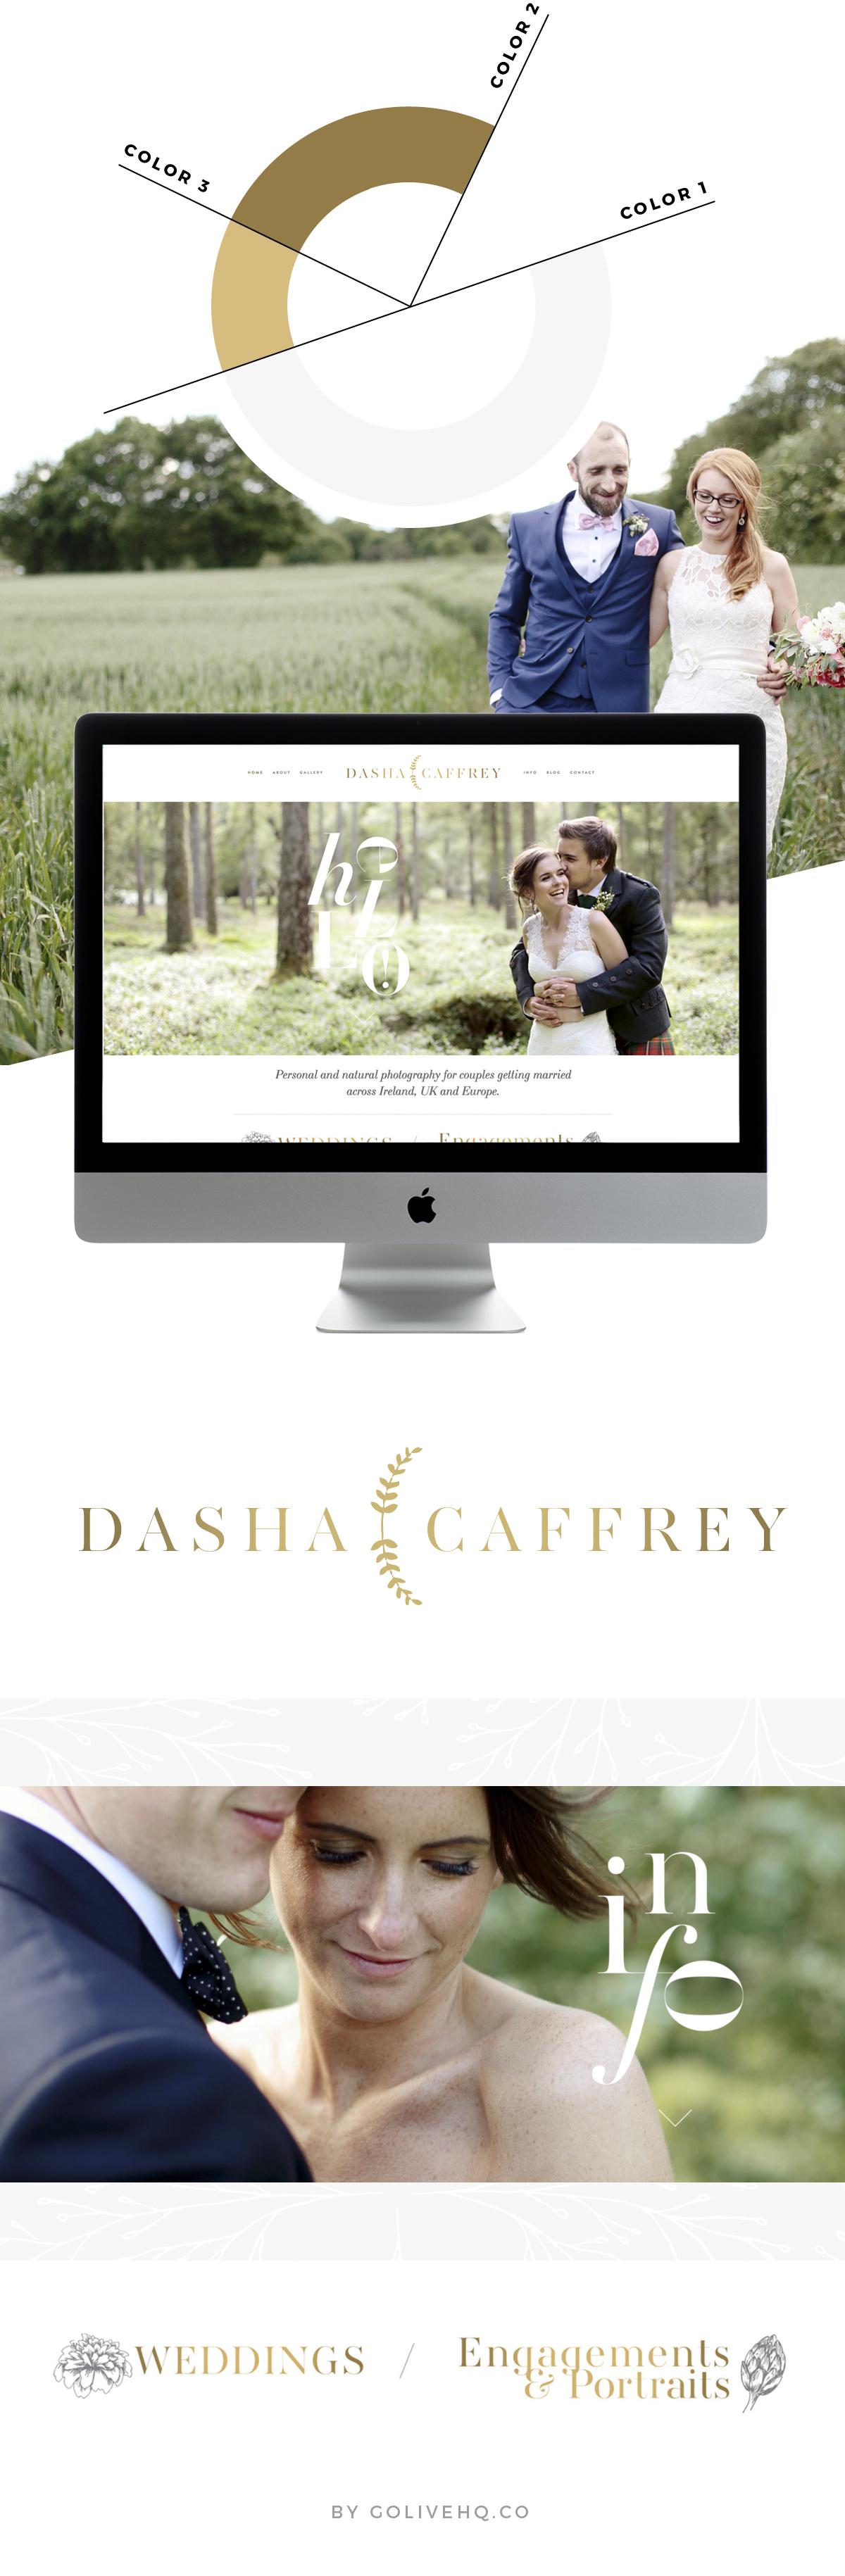 floral website design  |  by GOLIVEHQ.CO